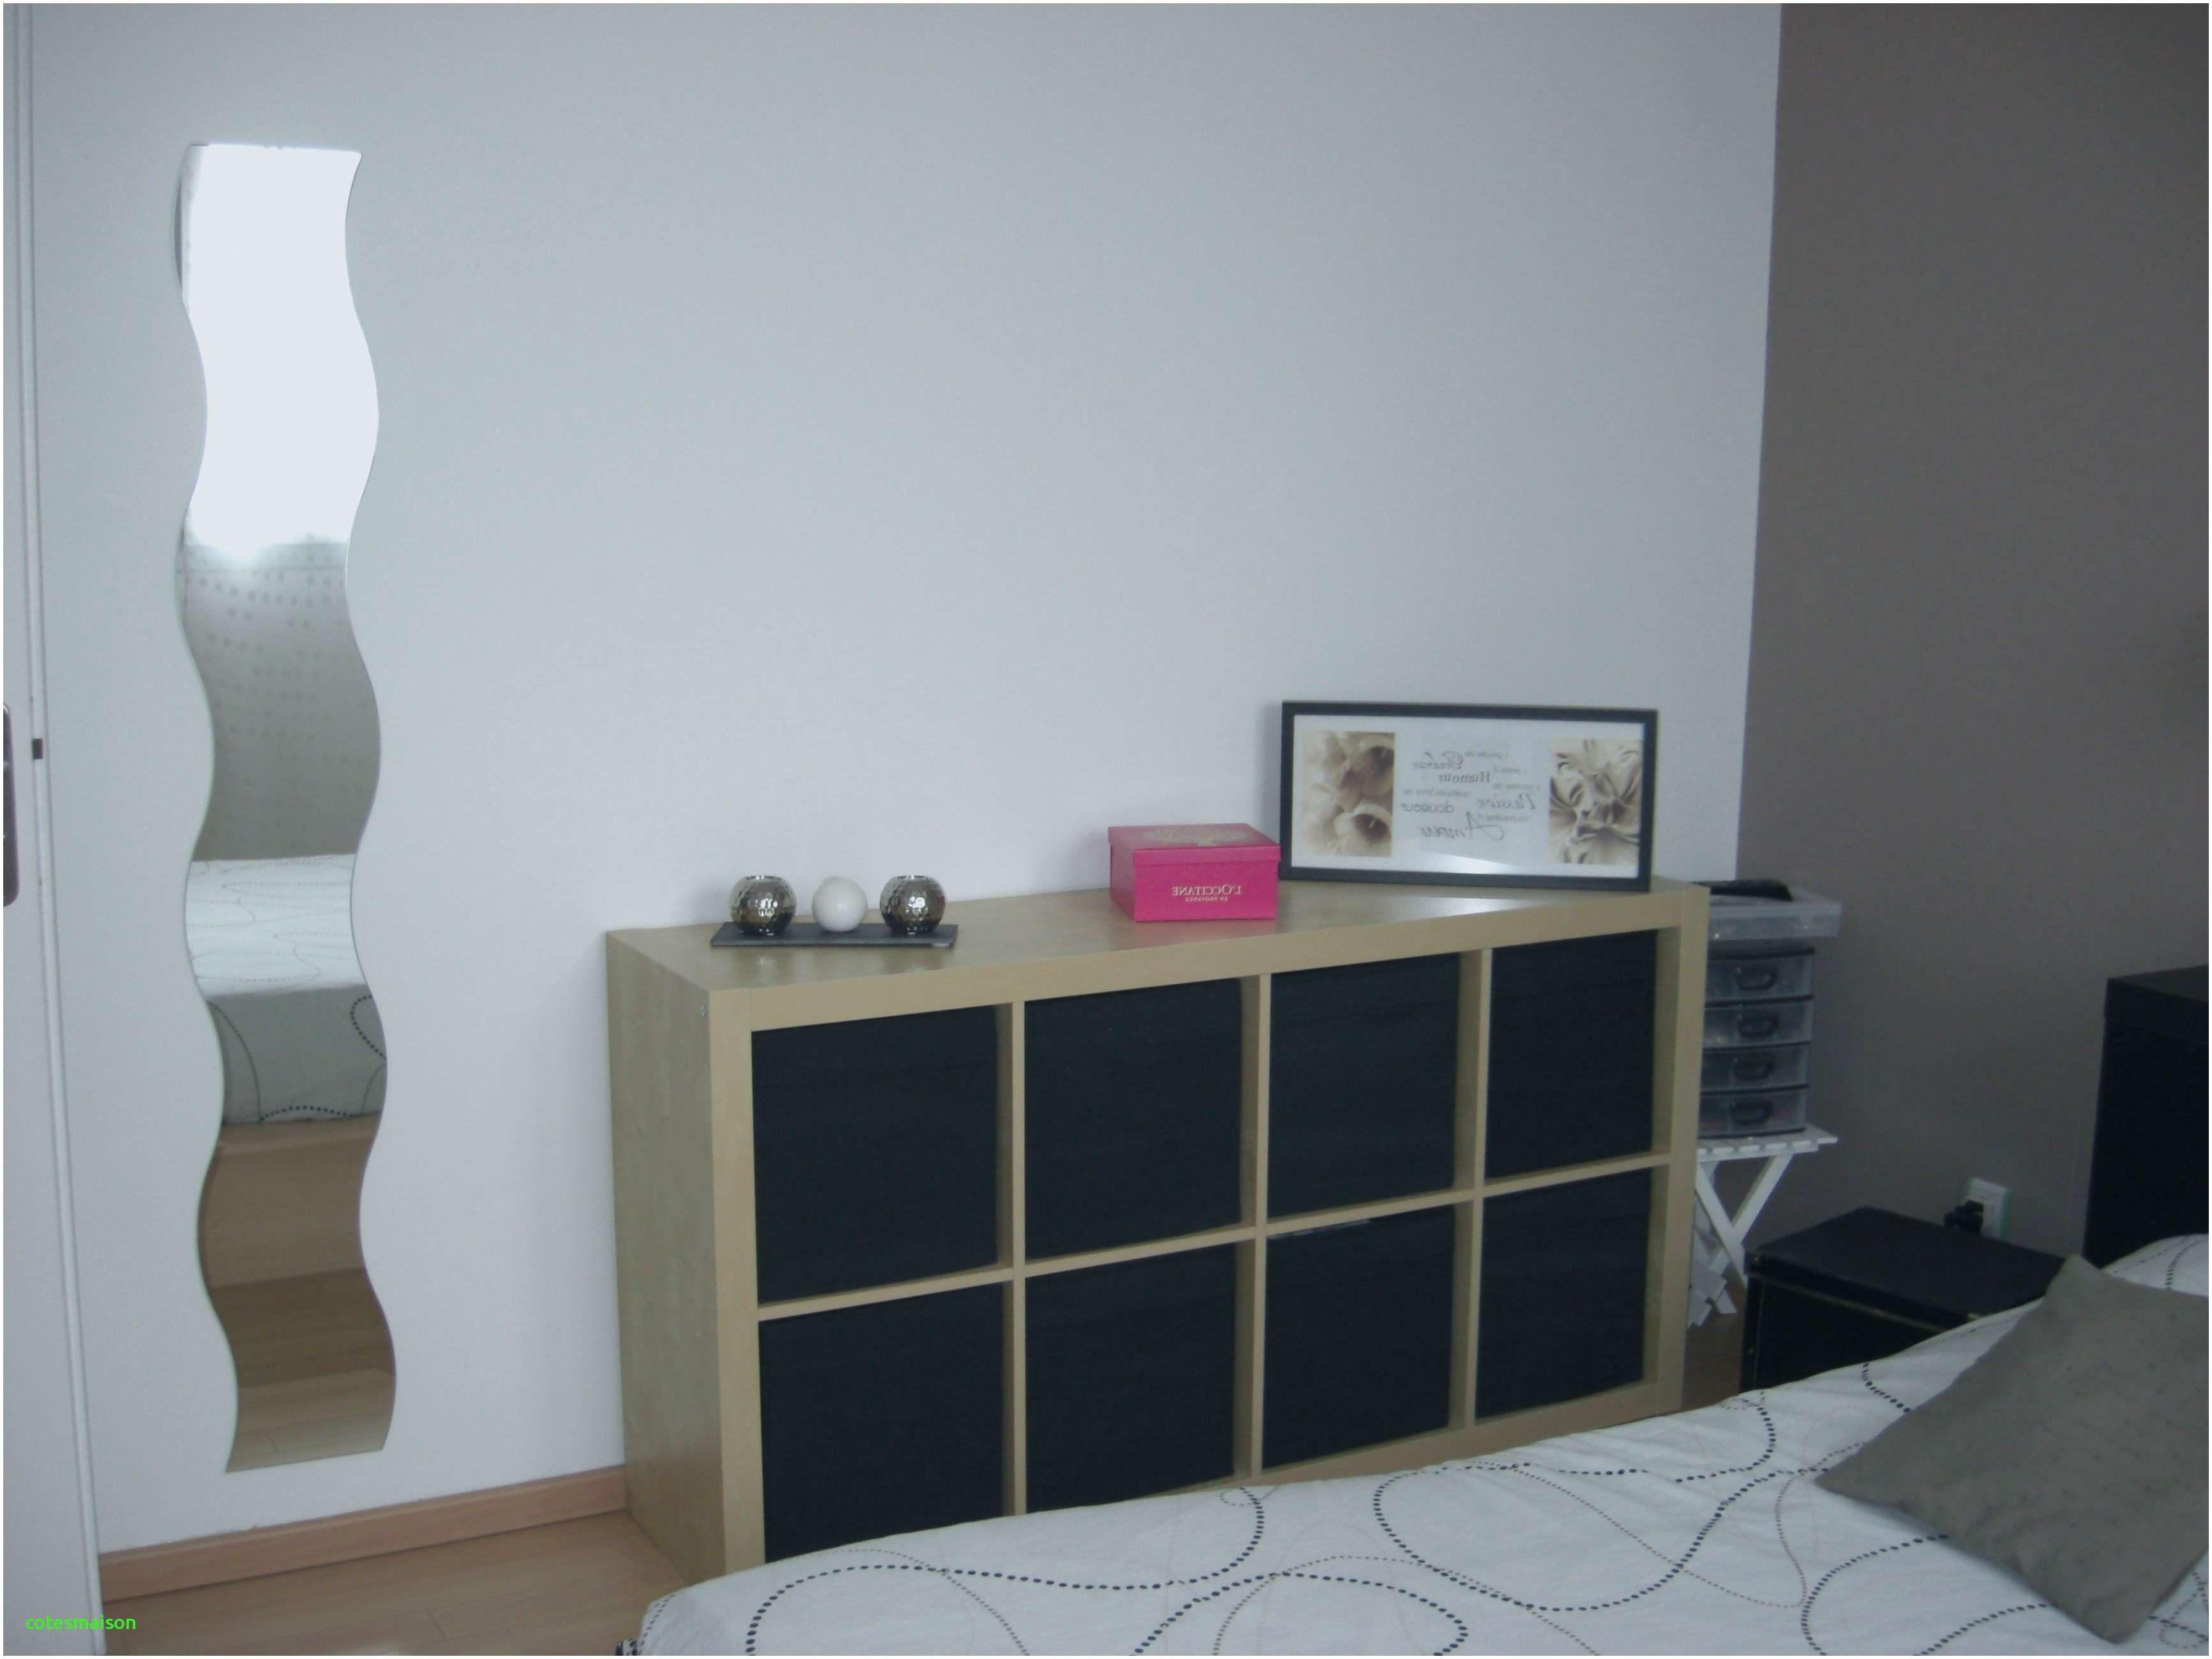 Cabane Lit Pour Enfant Inspiré Elégant 22 Inspiration Rideau Pour Cabane De Lit Home Design